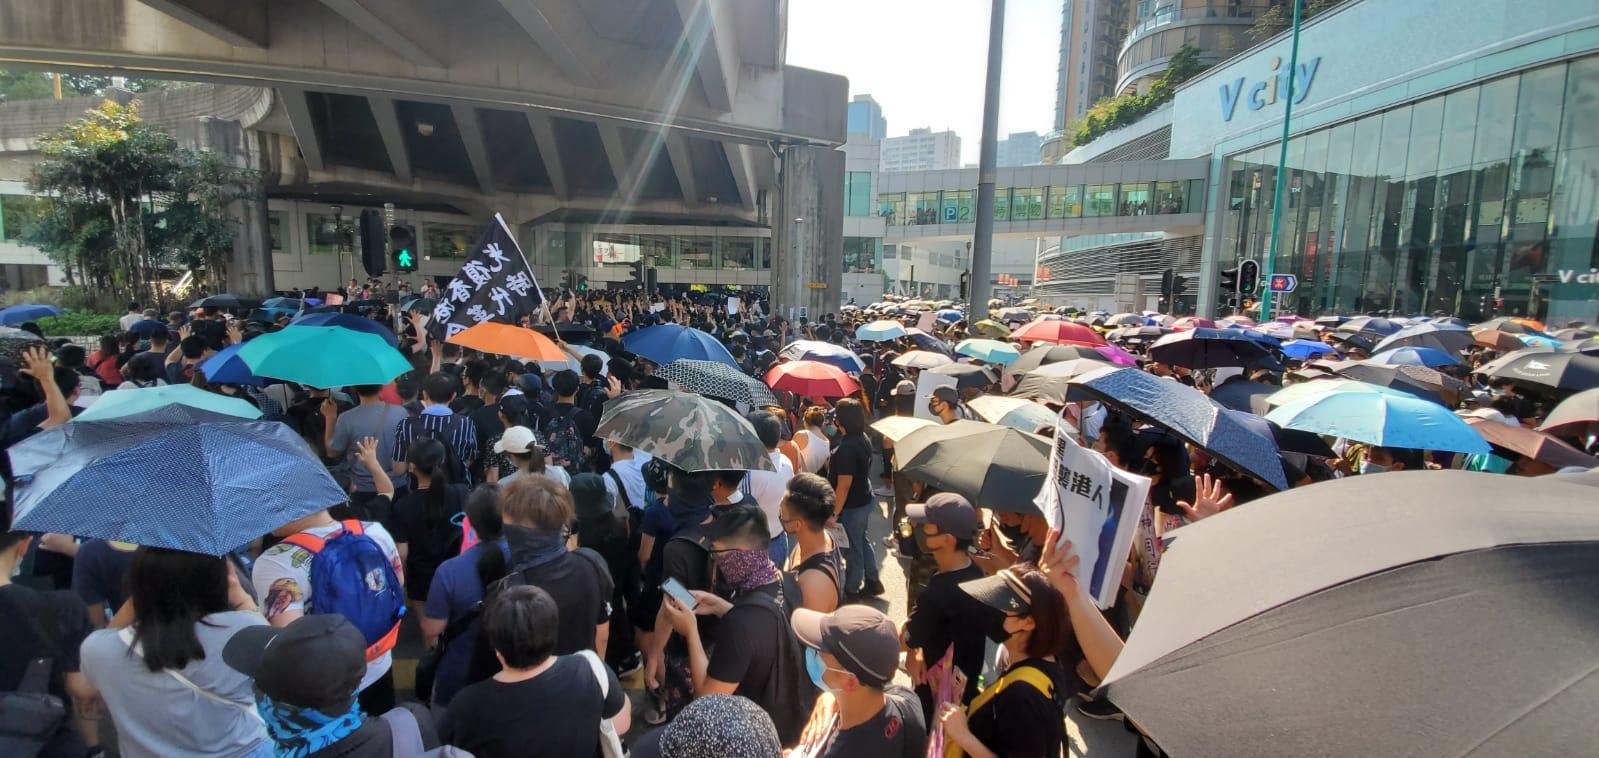 【修例风波】警方宣布将于屯门进行驱散行动